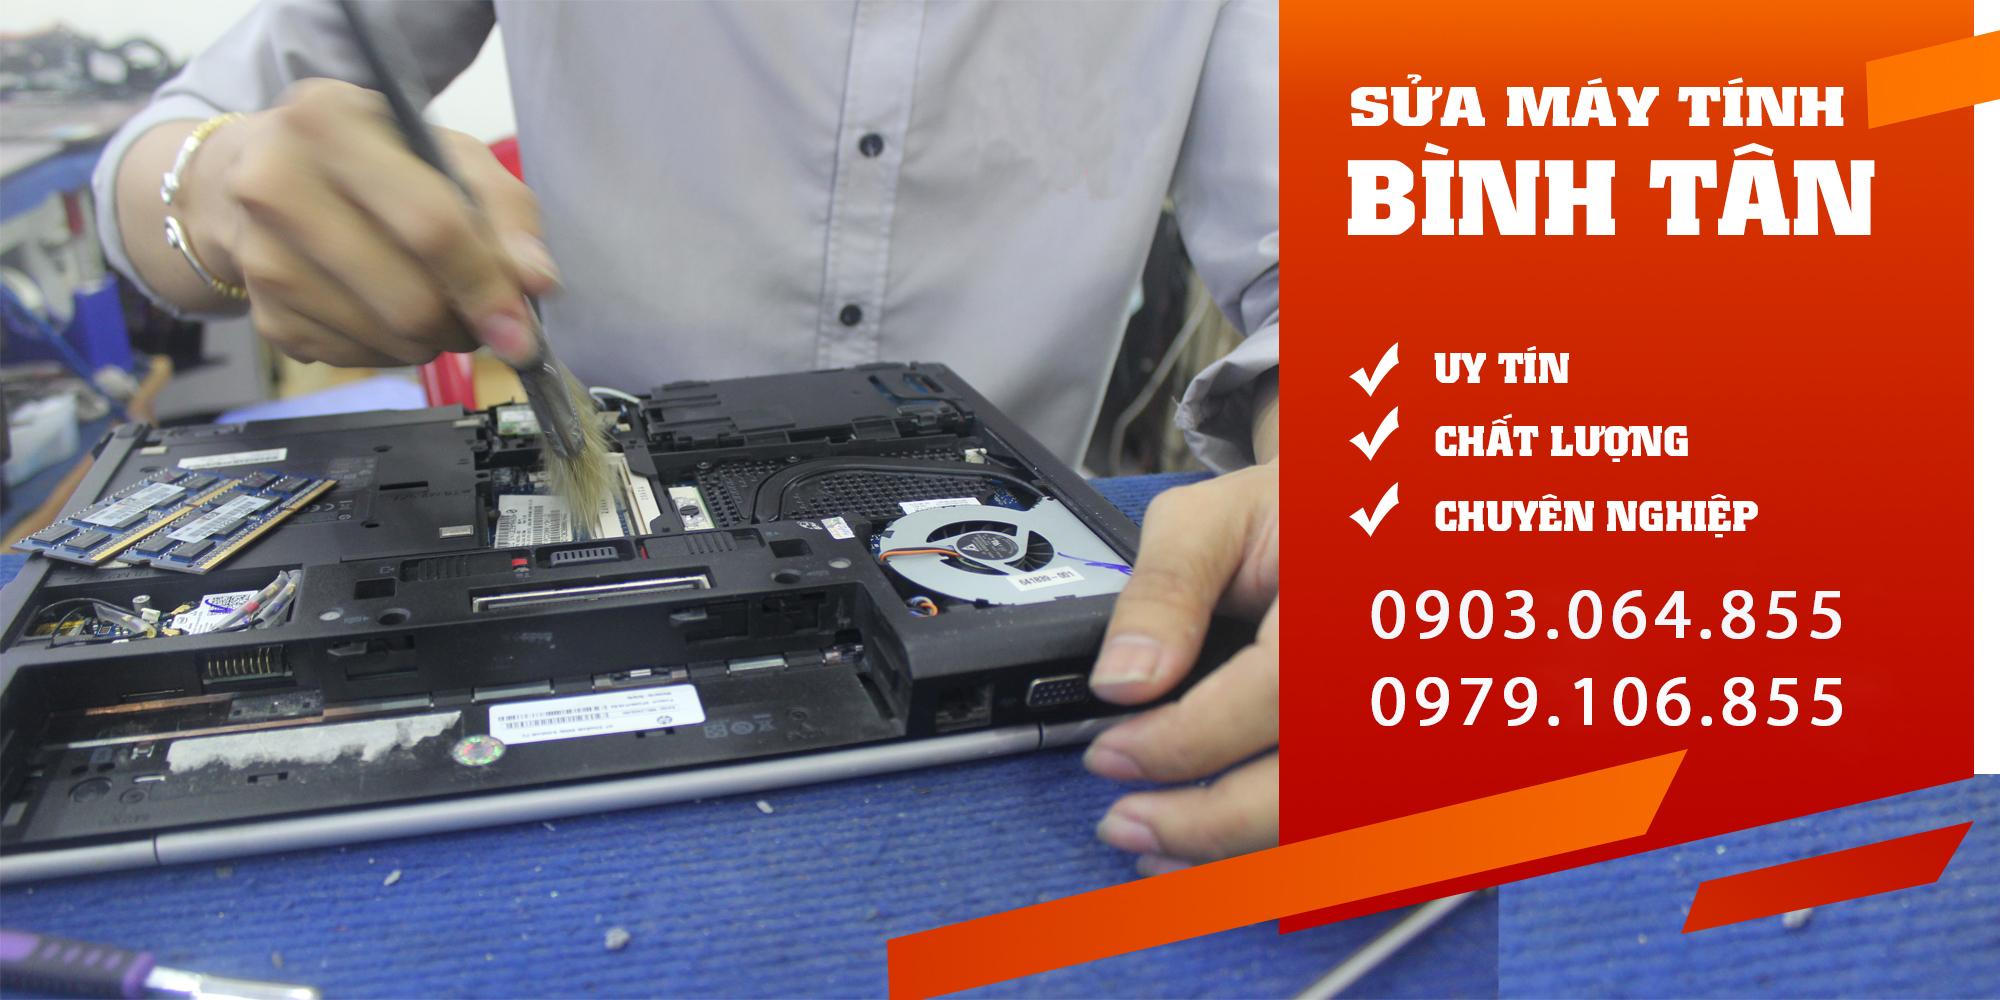 Sửa máy tính Bình Tân tại nhà giá rẻ - chuyên nghiệp